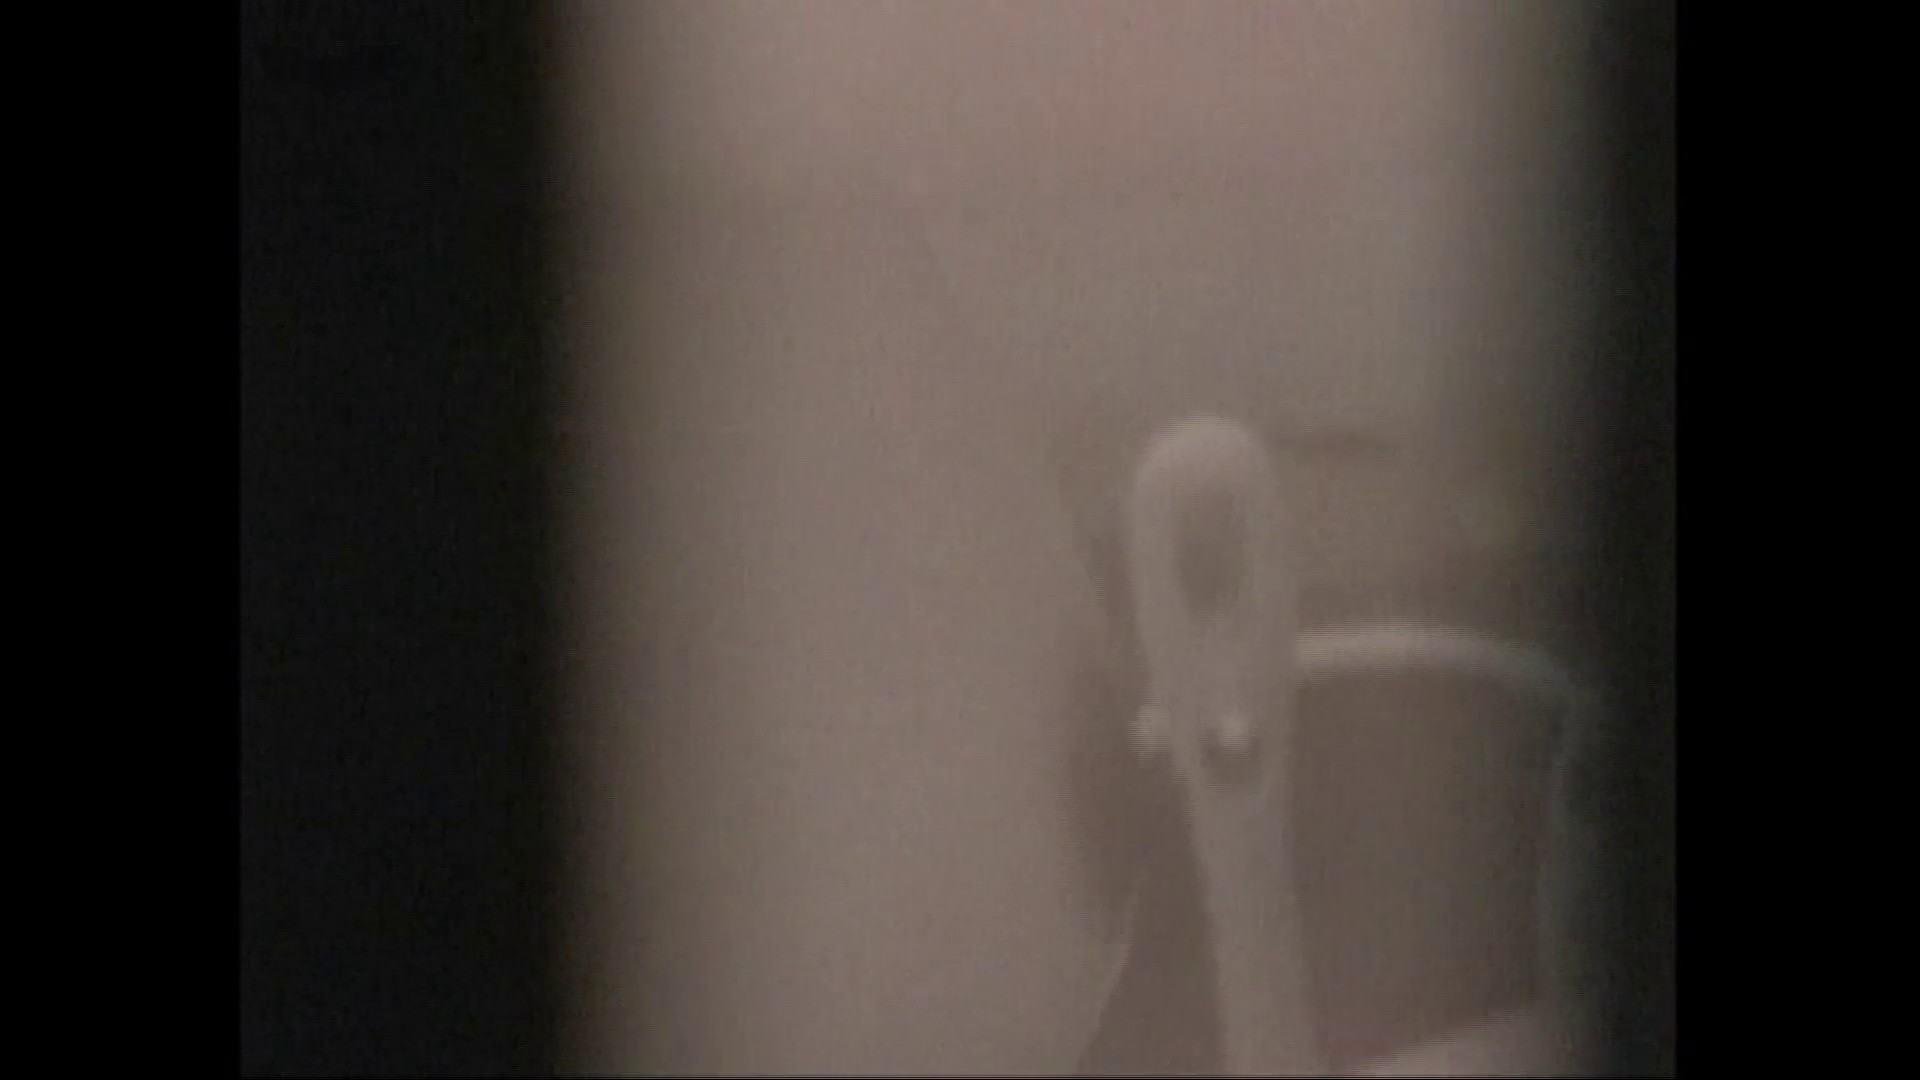 隙間からノゾク風呂 Vol.28 色白のロングヘアー美人がワシャワシャと。 美人  104pic 72